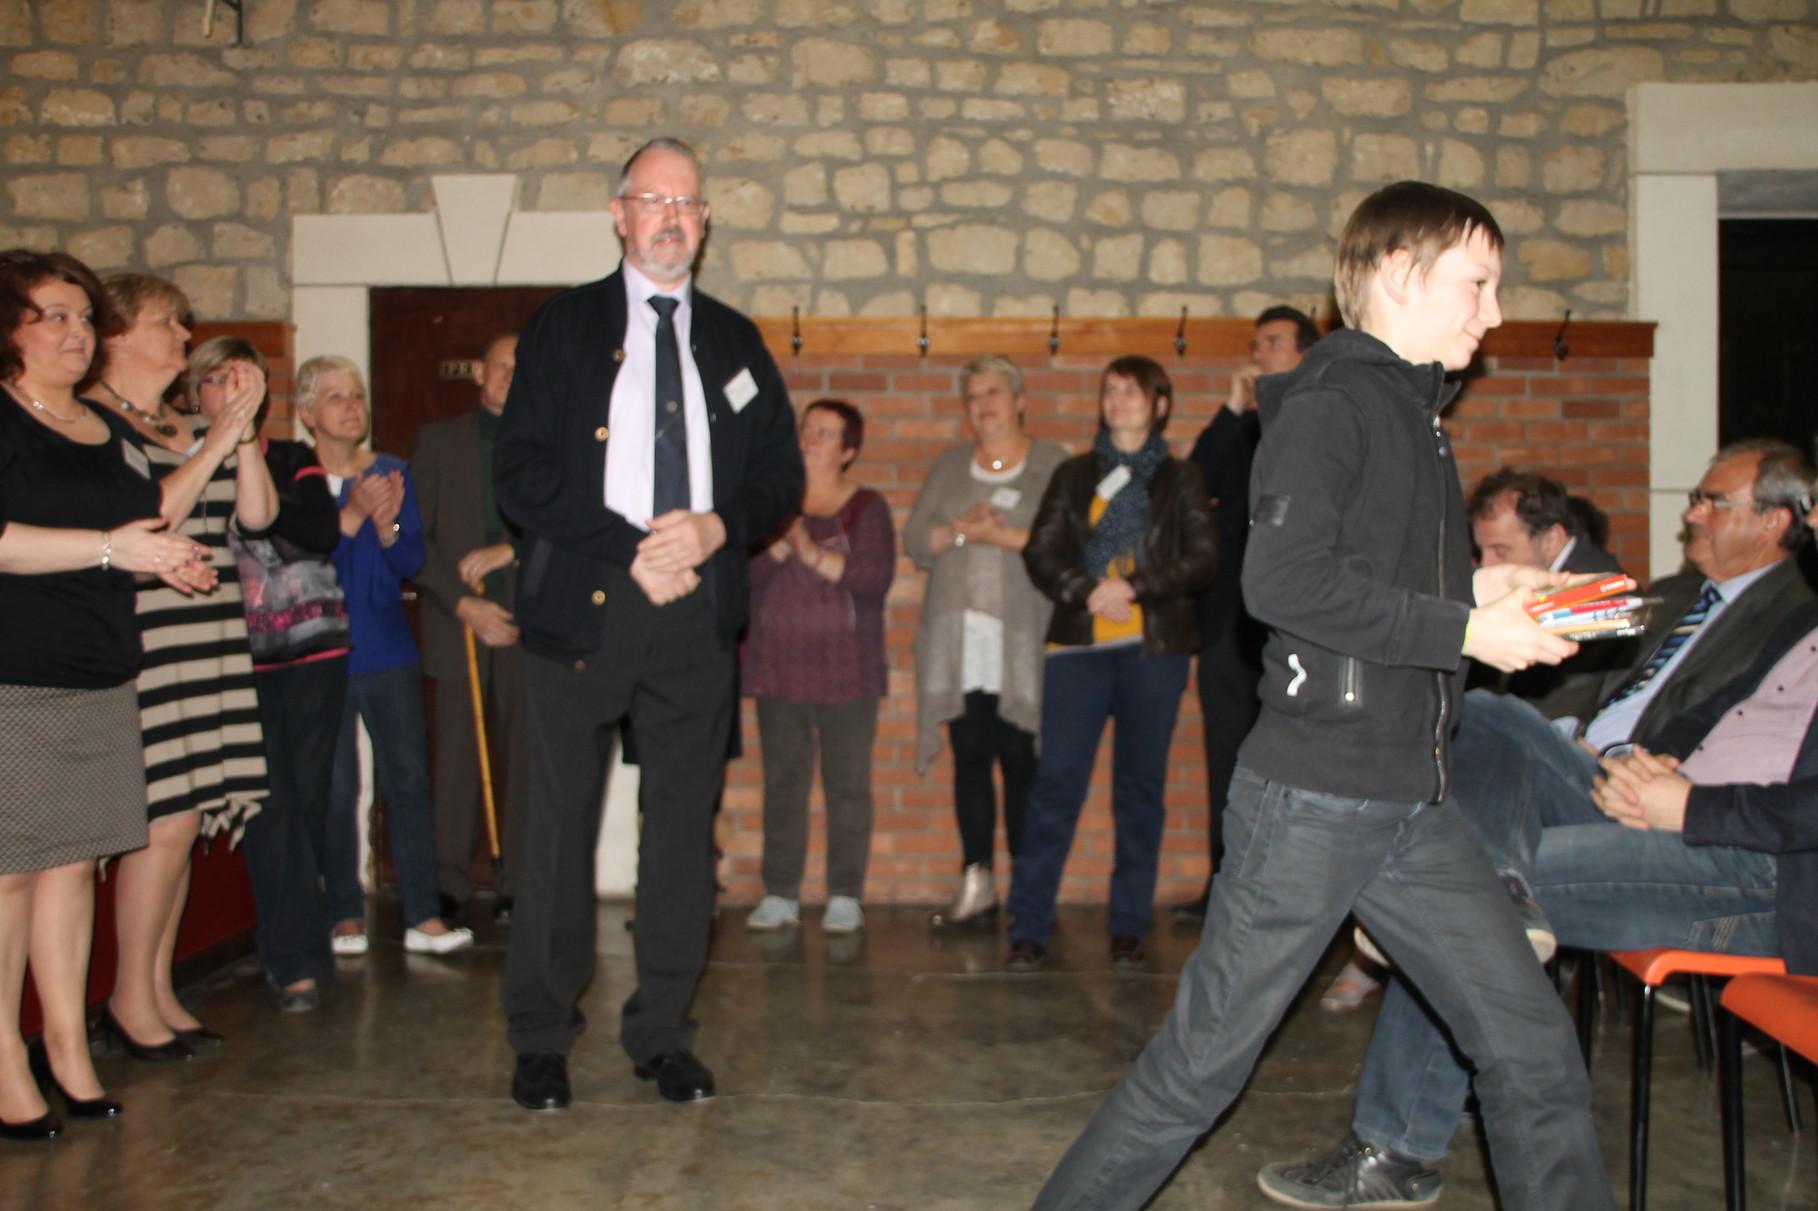 14ème prix remis par Marc Standaert - Membre du Lions Club Arlon et membre du Lions Club Athus Lorraine